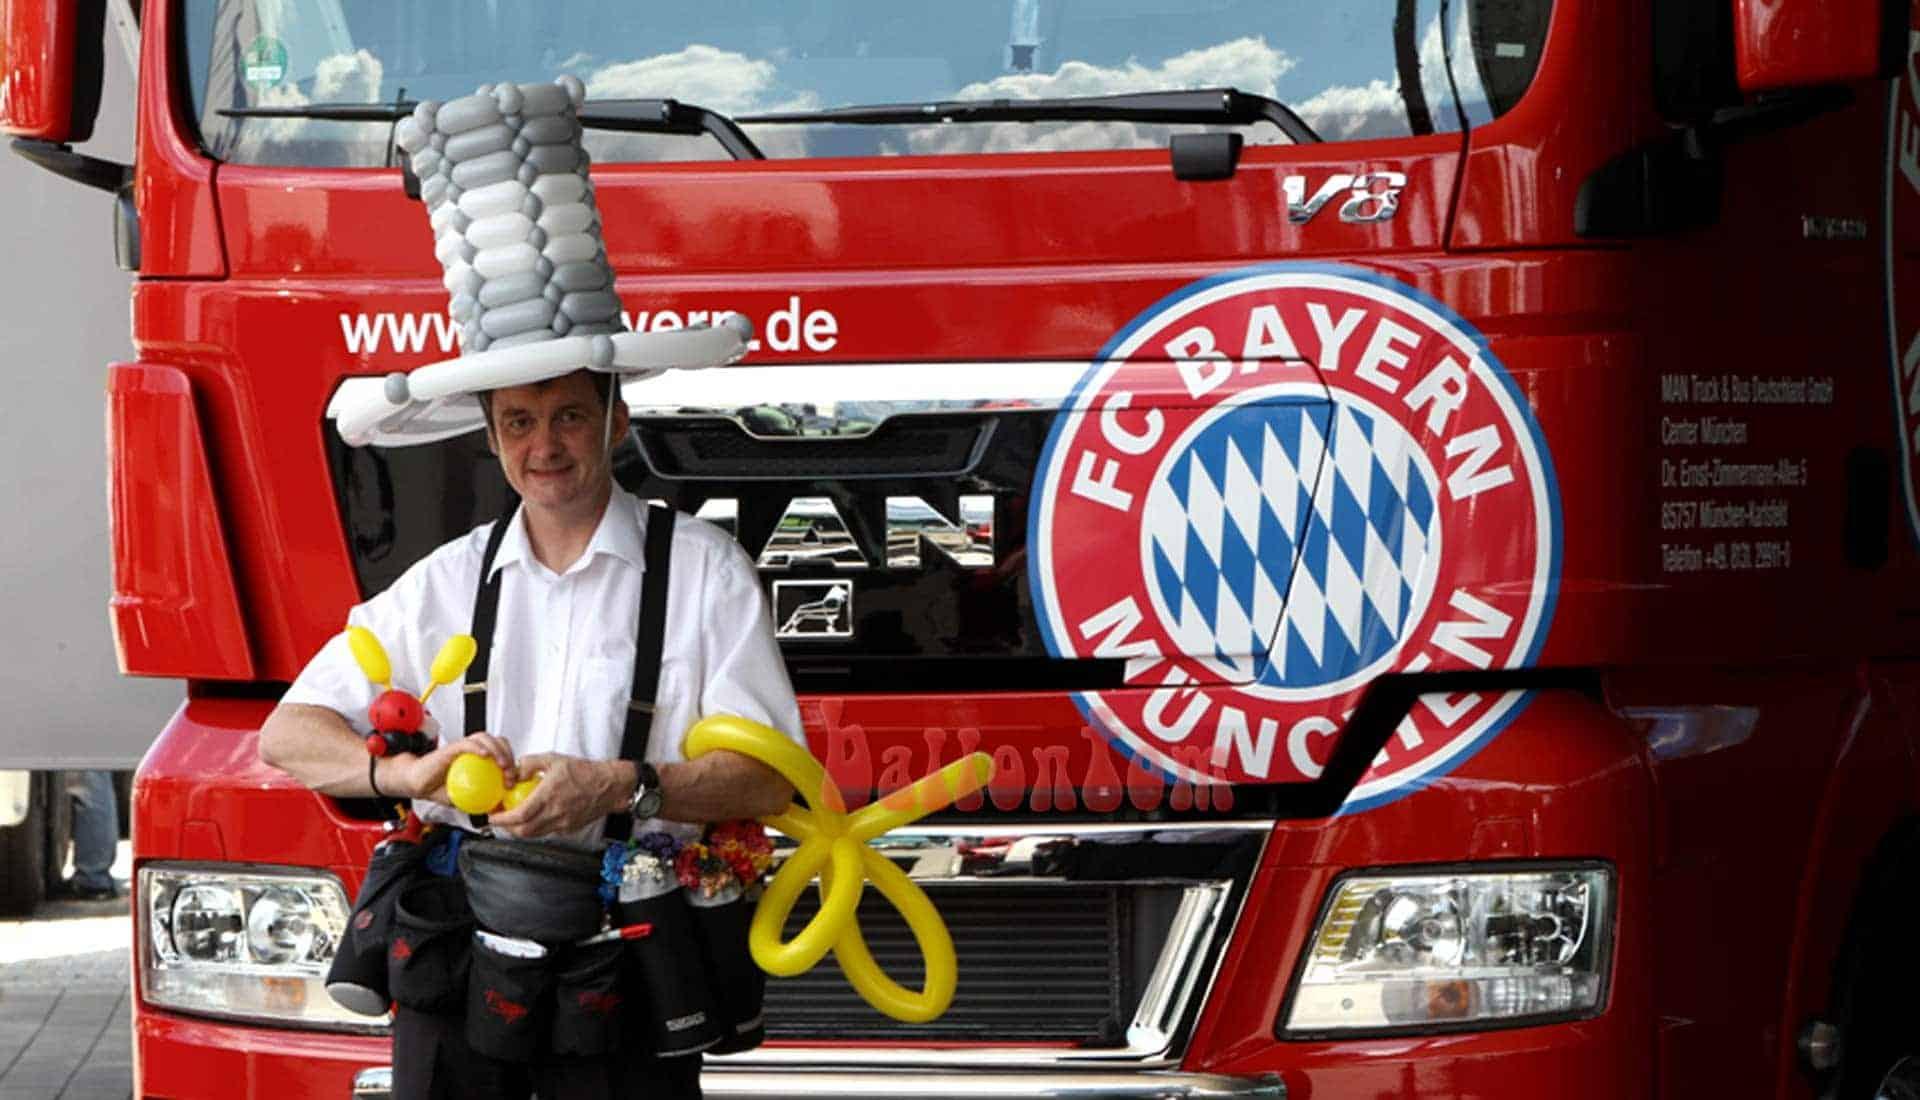 Ballonfanmodellage bei MAN in München mit ballontom